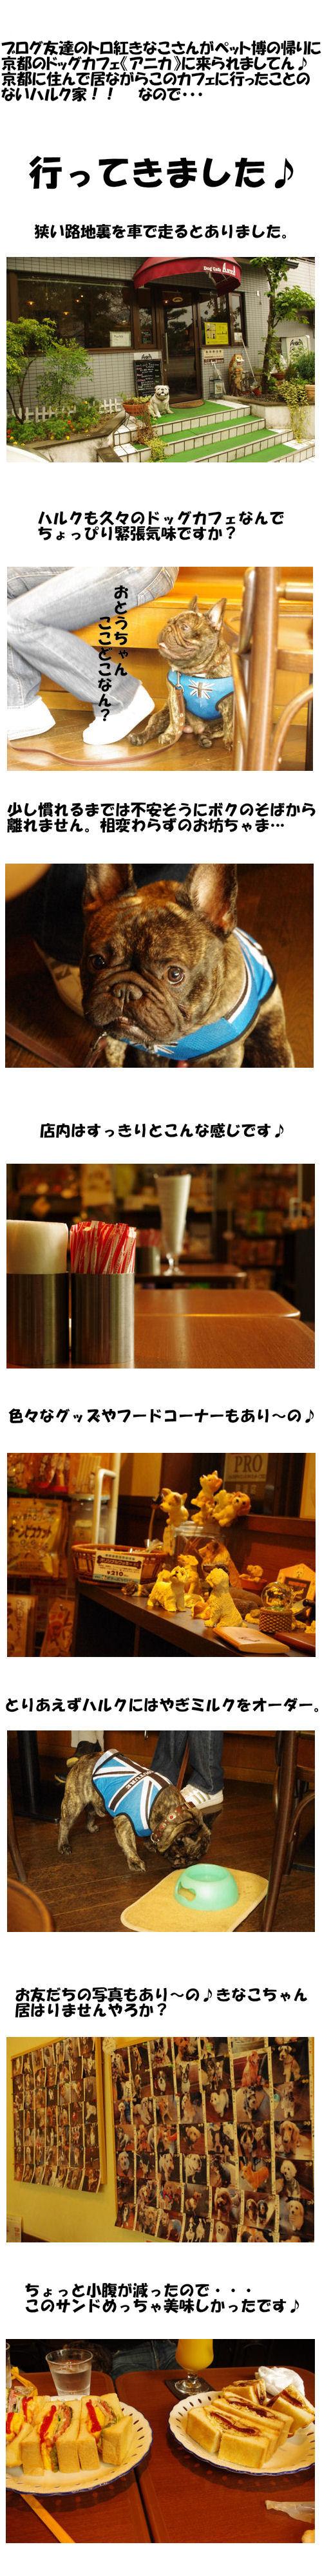 久々のドッグカフェ♪